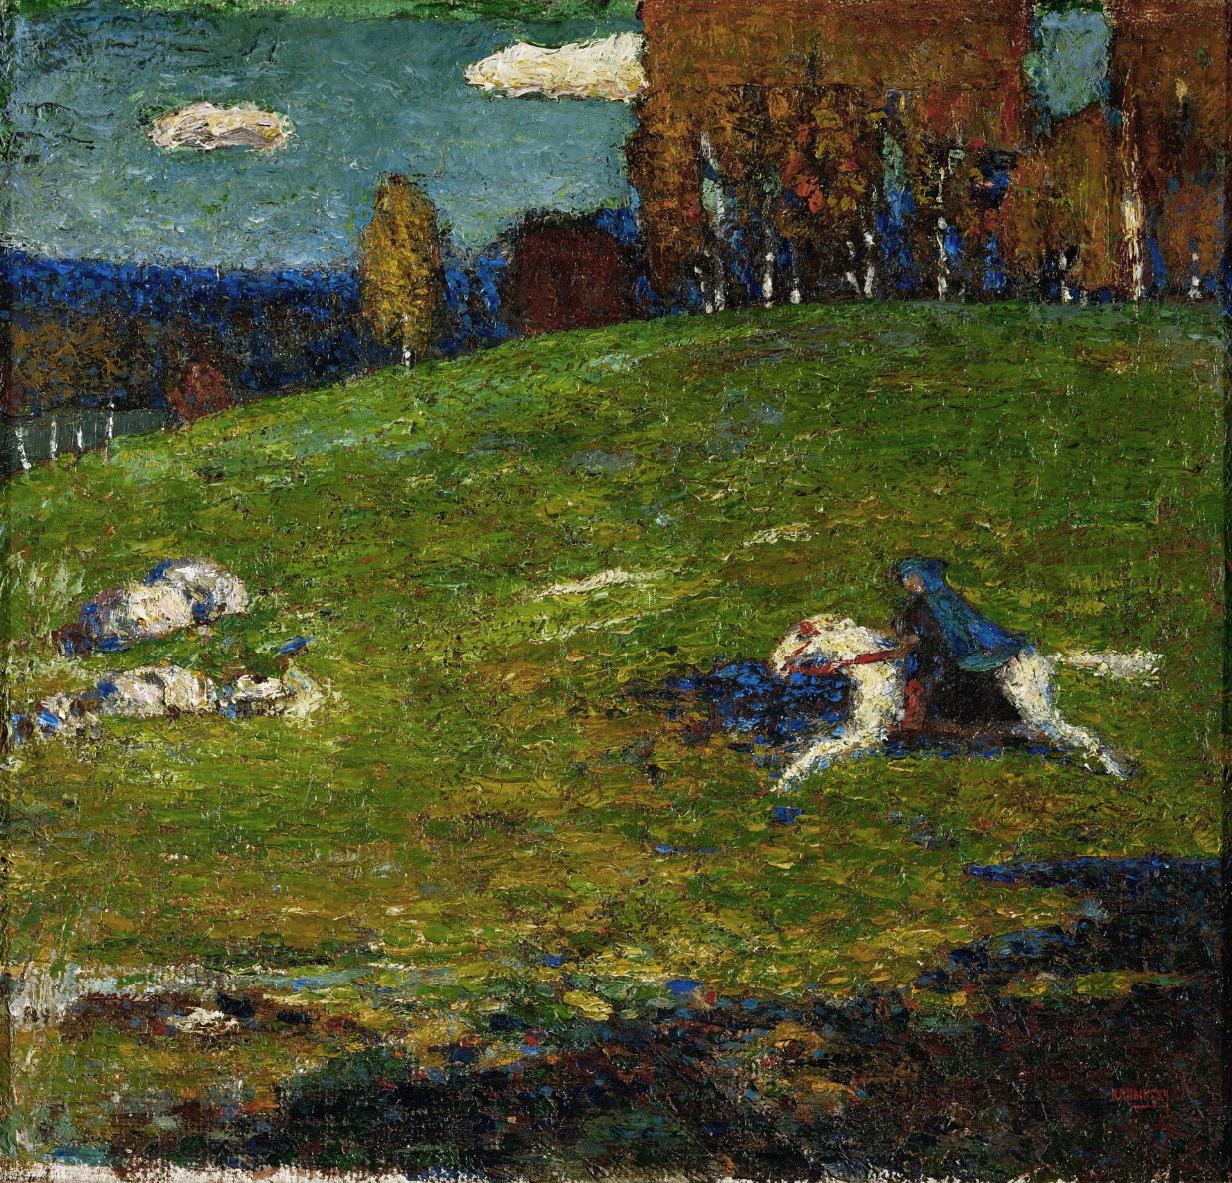 wassily kandinsky der blaue reiter 1903 - Wassily Kandinsky Lebenslauf